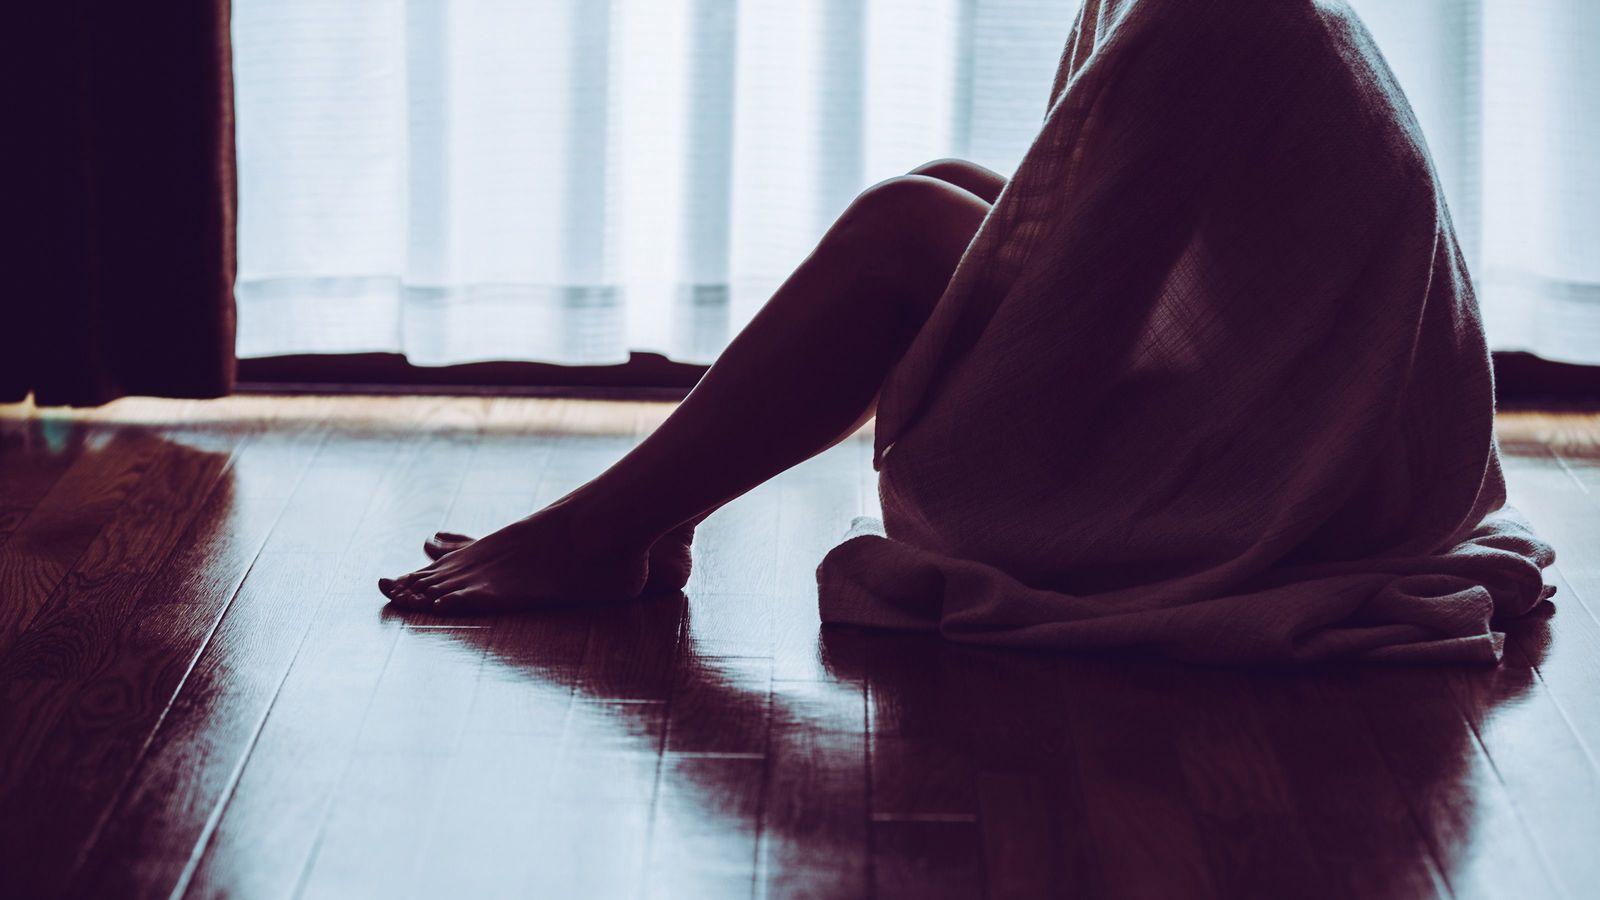 「私なんかが月7万円の障害年金をもらっていいのか」30歳うつ病女性の問いへの答え ずっと世間の目を恐れて生きてきた